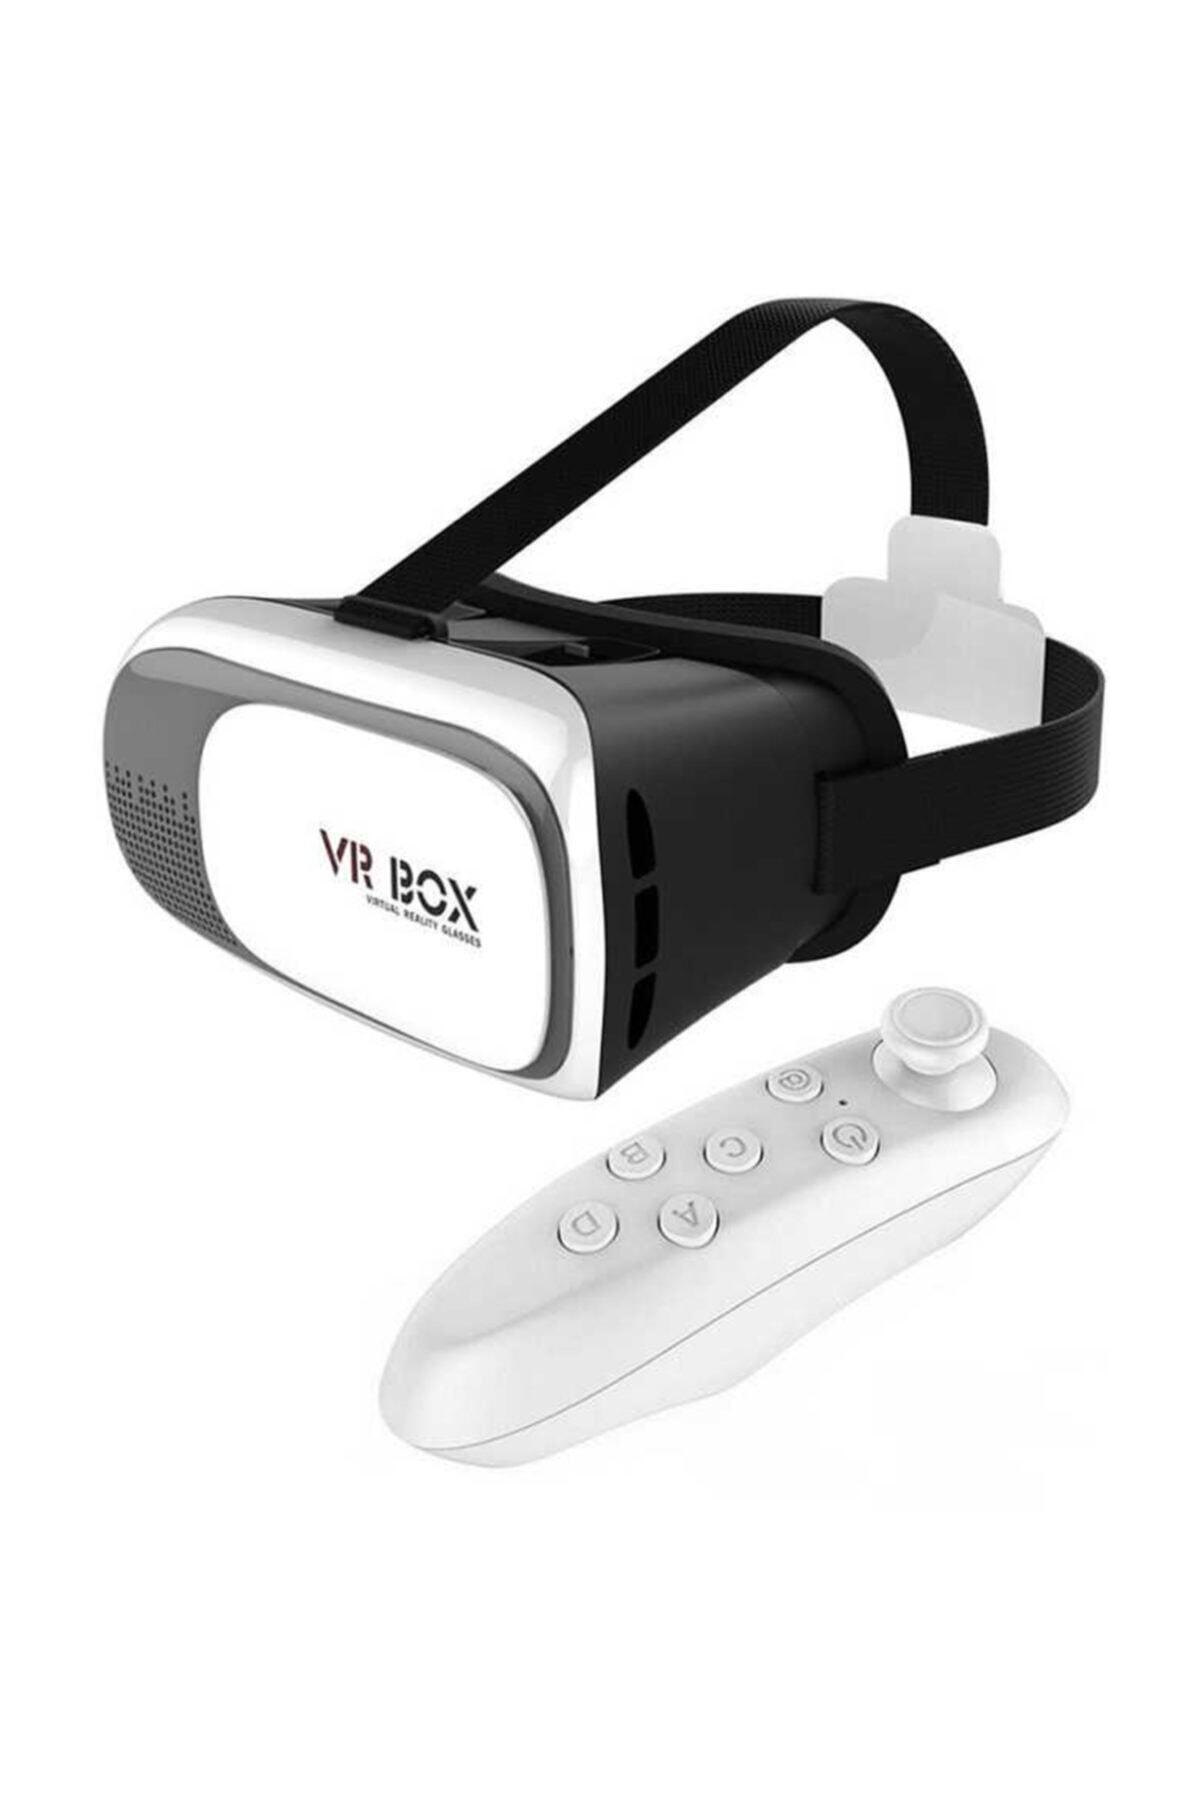 VR BOX 3d Sanal Gerçeklik Gözlüğü Kumandalı 1